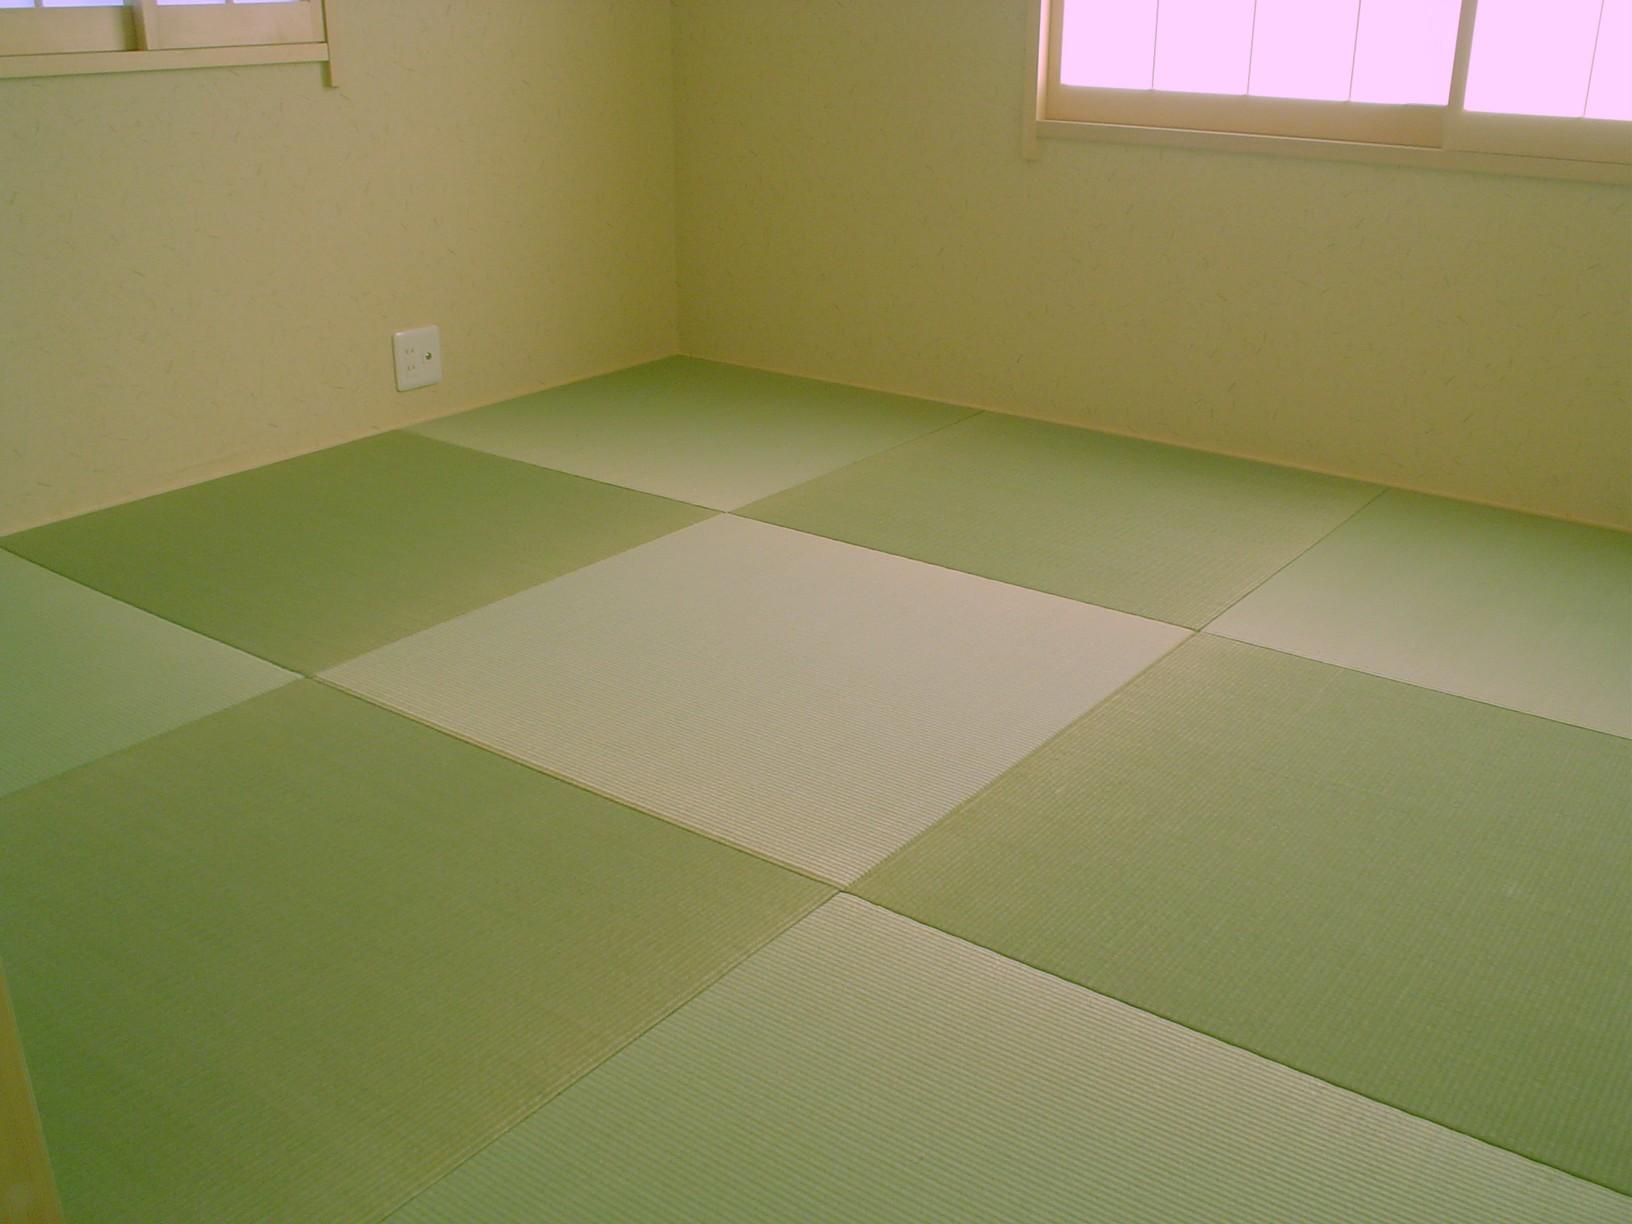 畳の掃除って実は簡単! 畳をキレイに掃除して快適に過ごしましょうのサムネイル画像